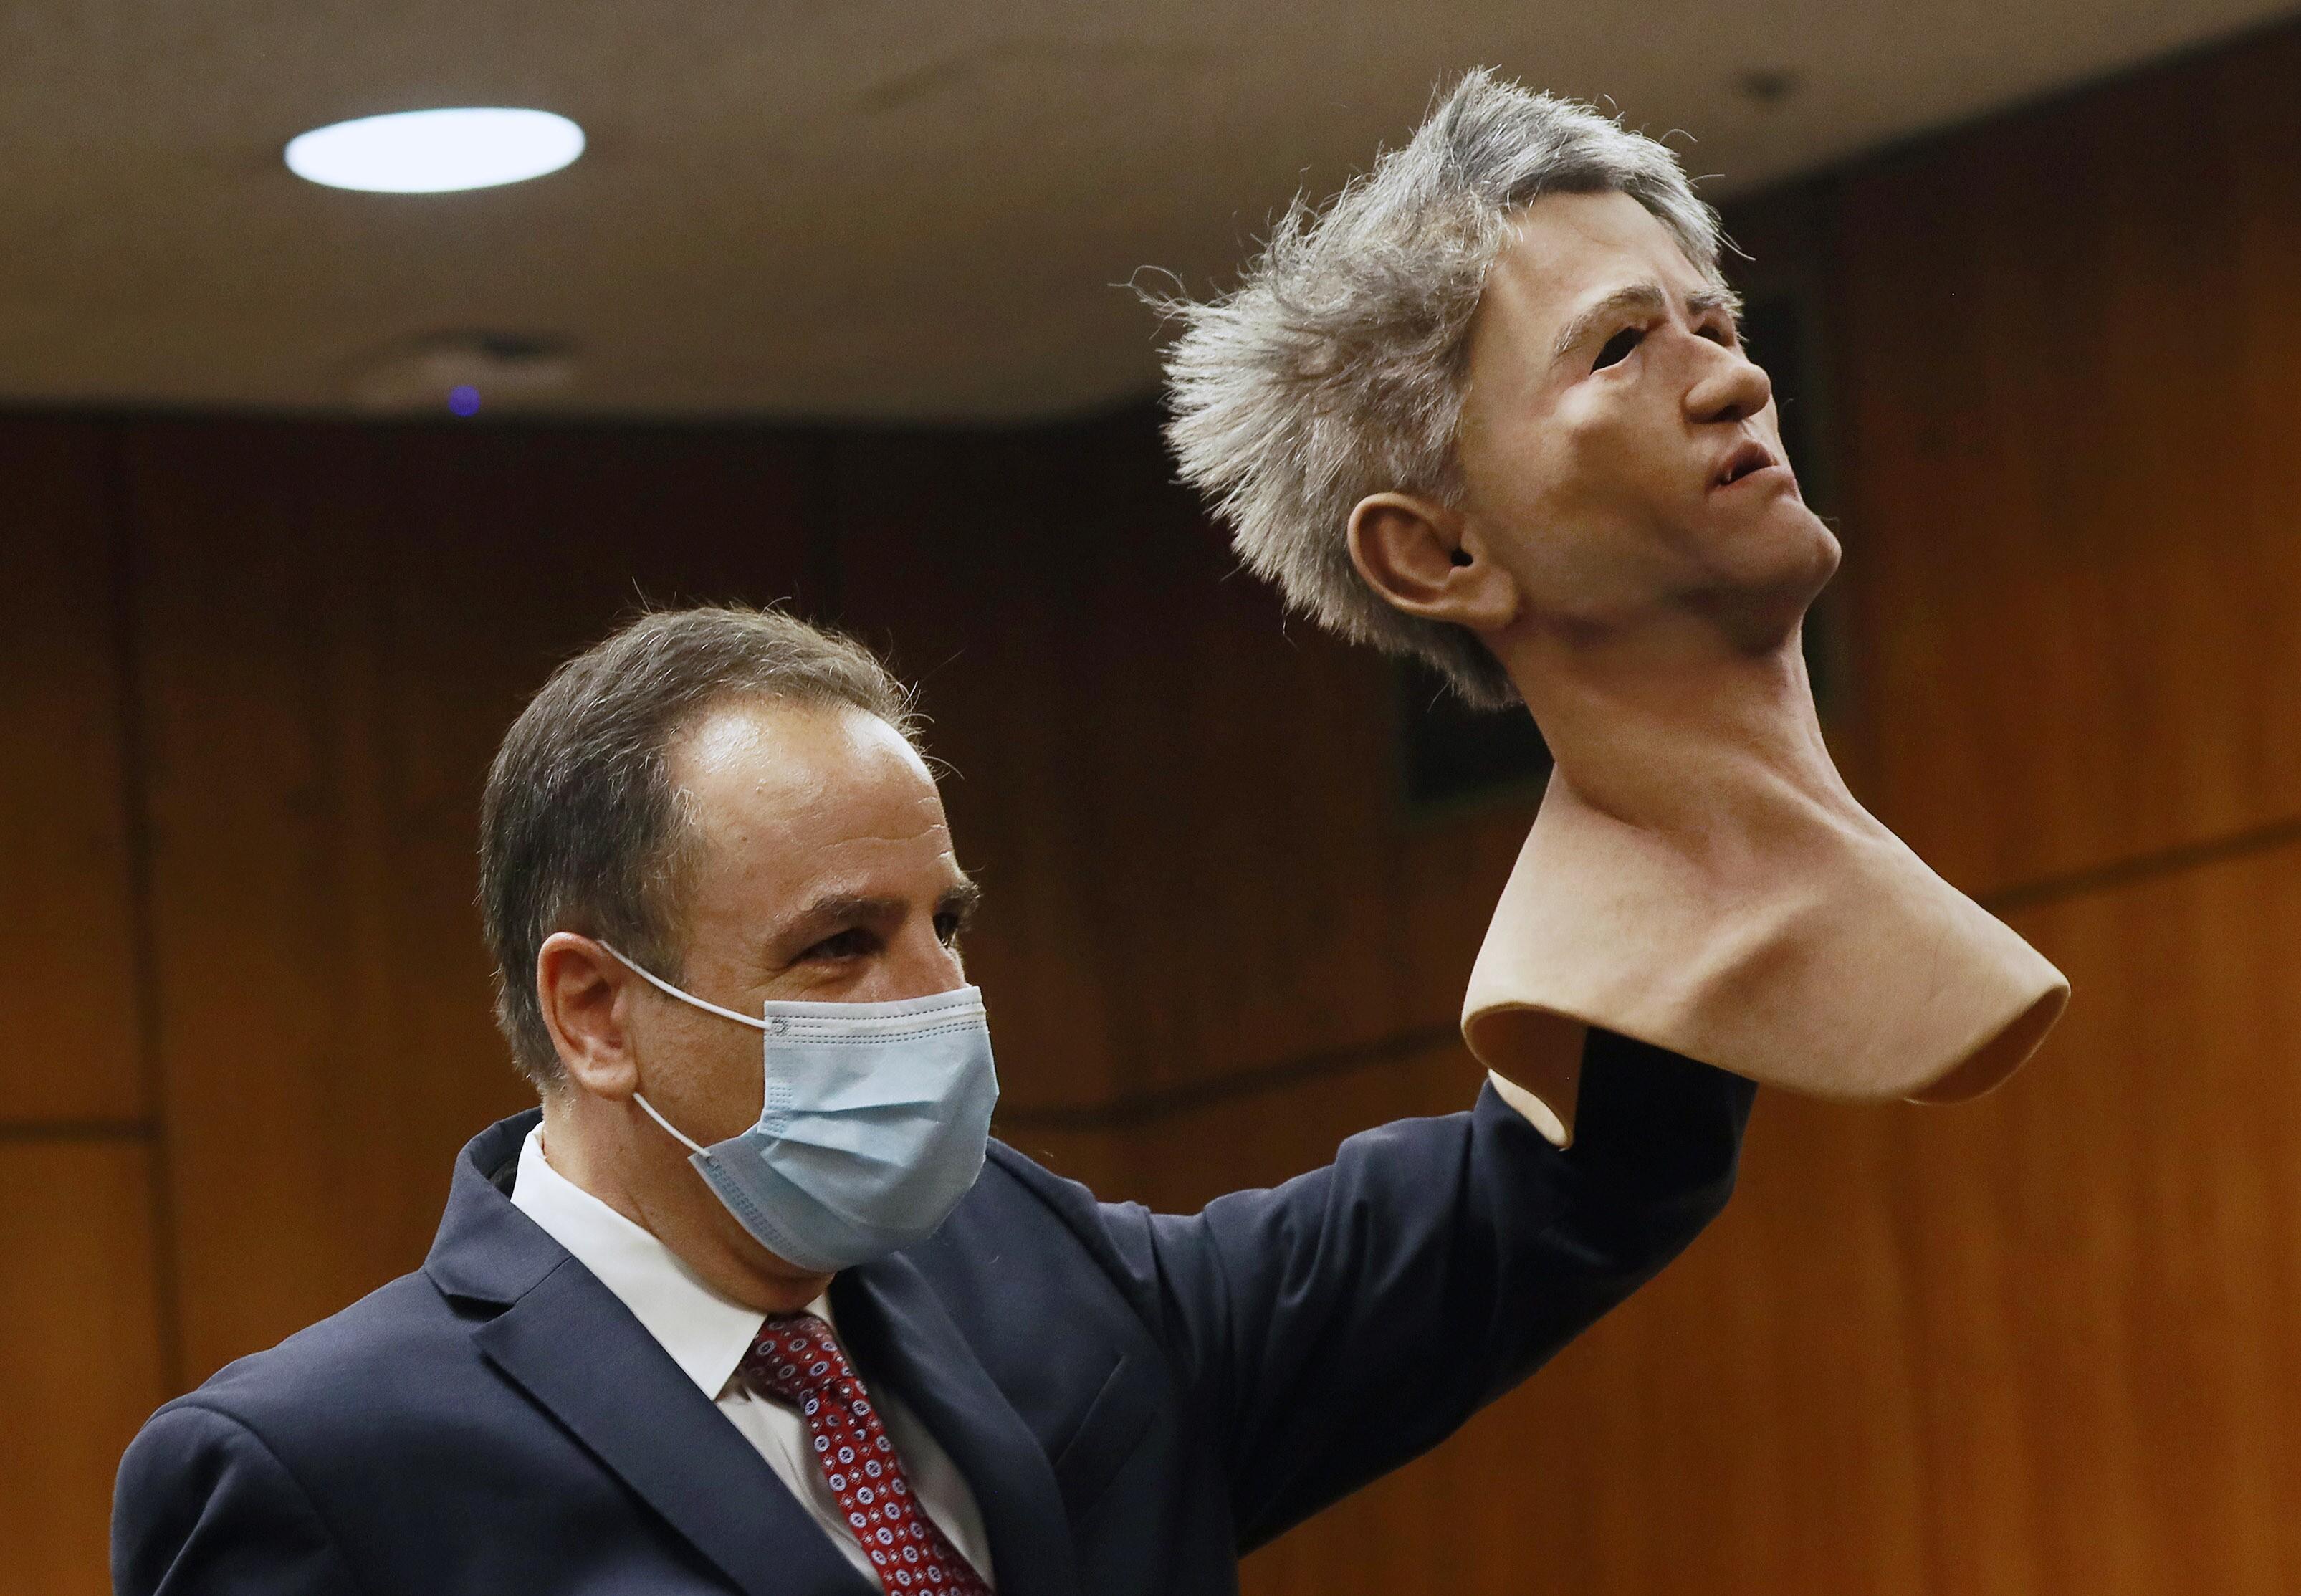 Robert Durst's murder trial